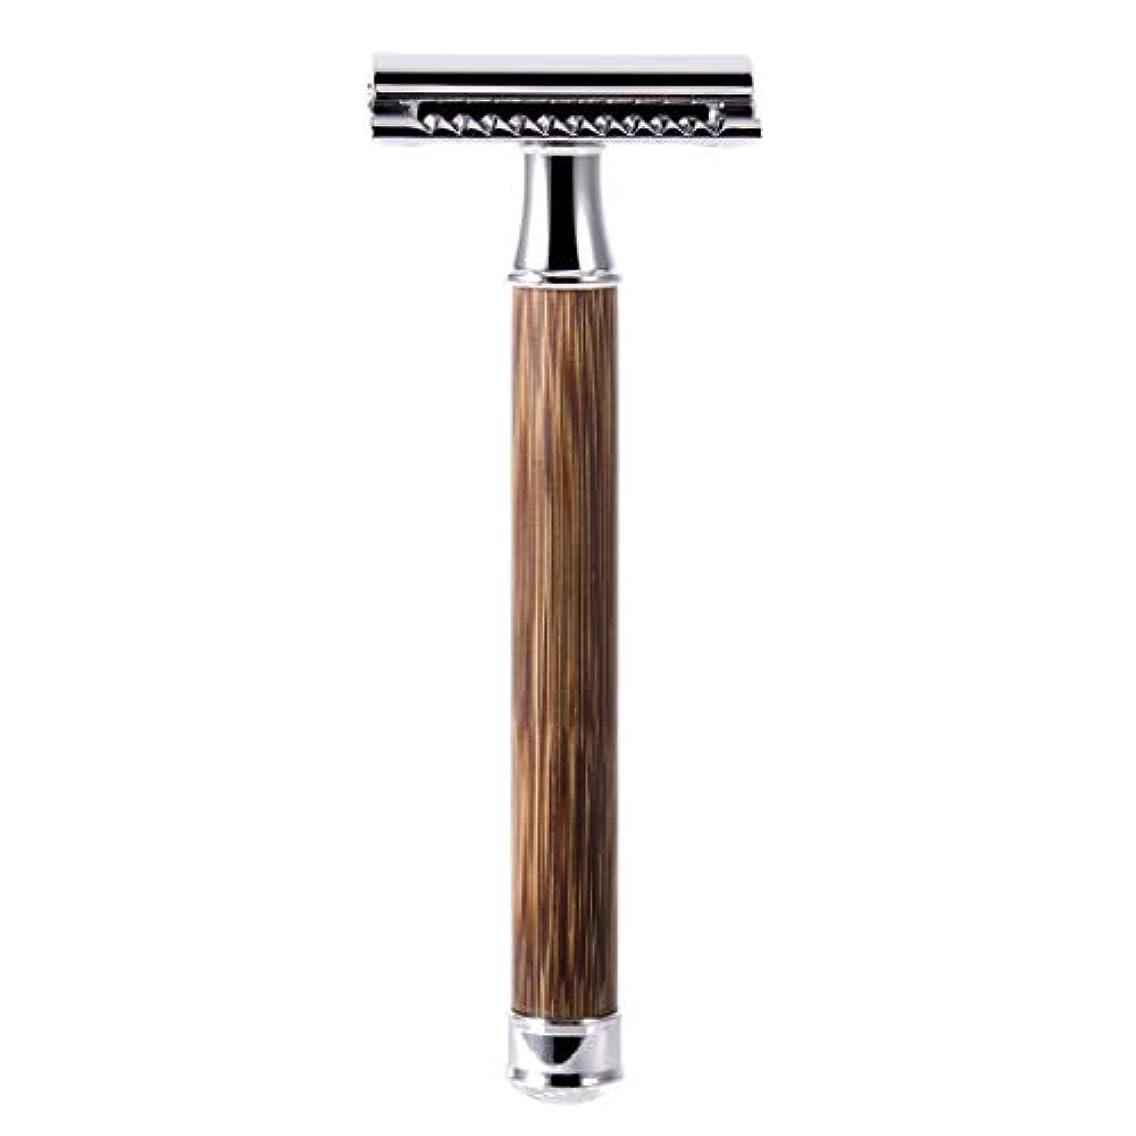 剥離寸法キリストQIANMEI レトロダブルエッジ剃刀安全カミソリヘアーリムーバーかみそりは、すべての標準レイザーブレードに適合します